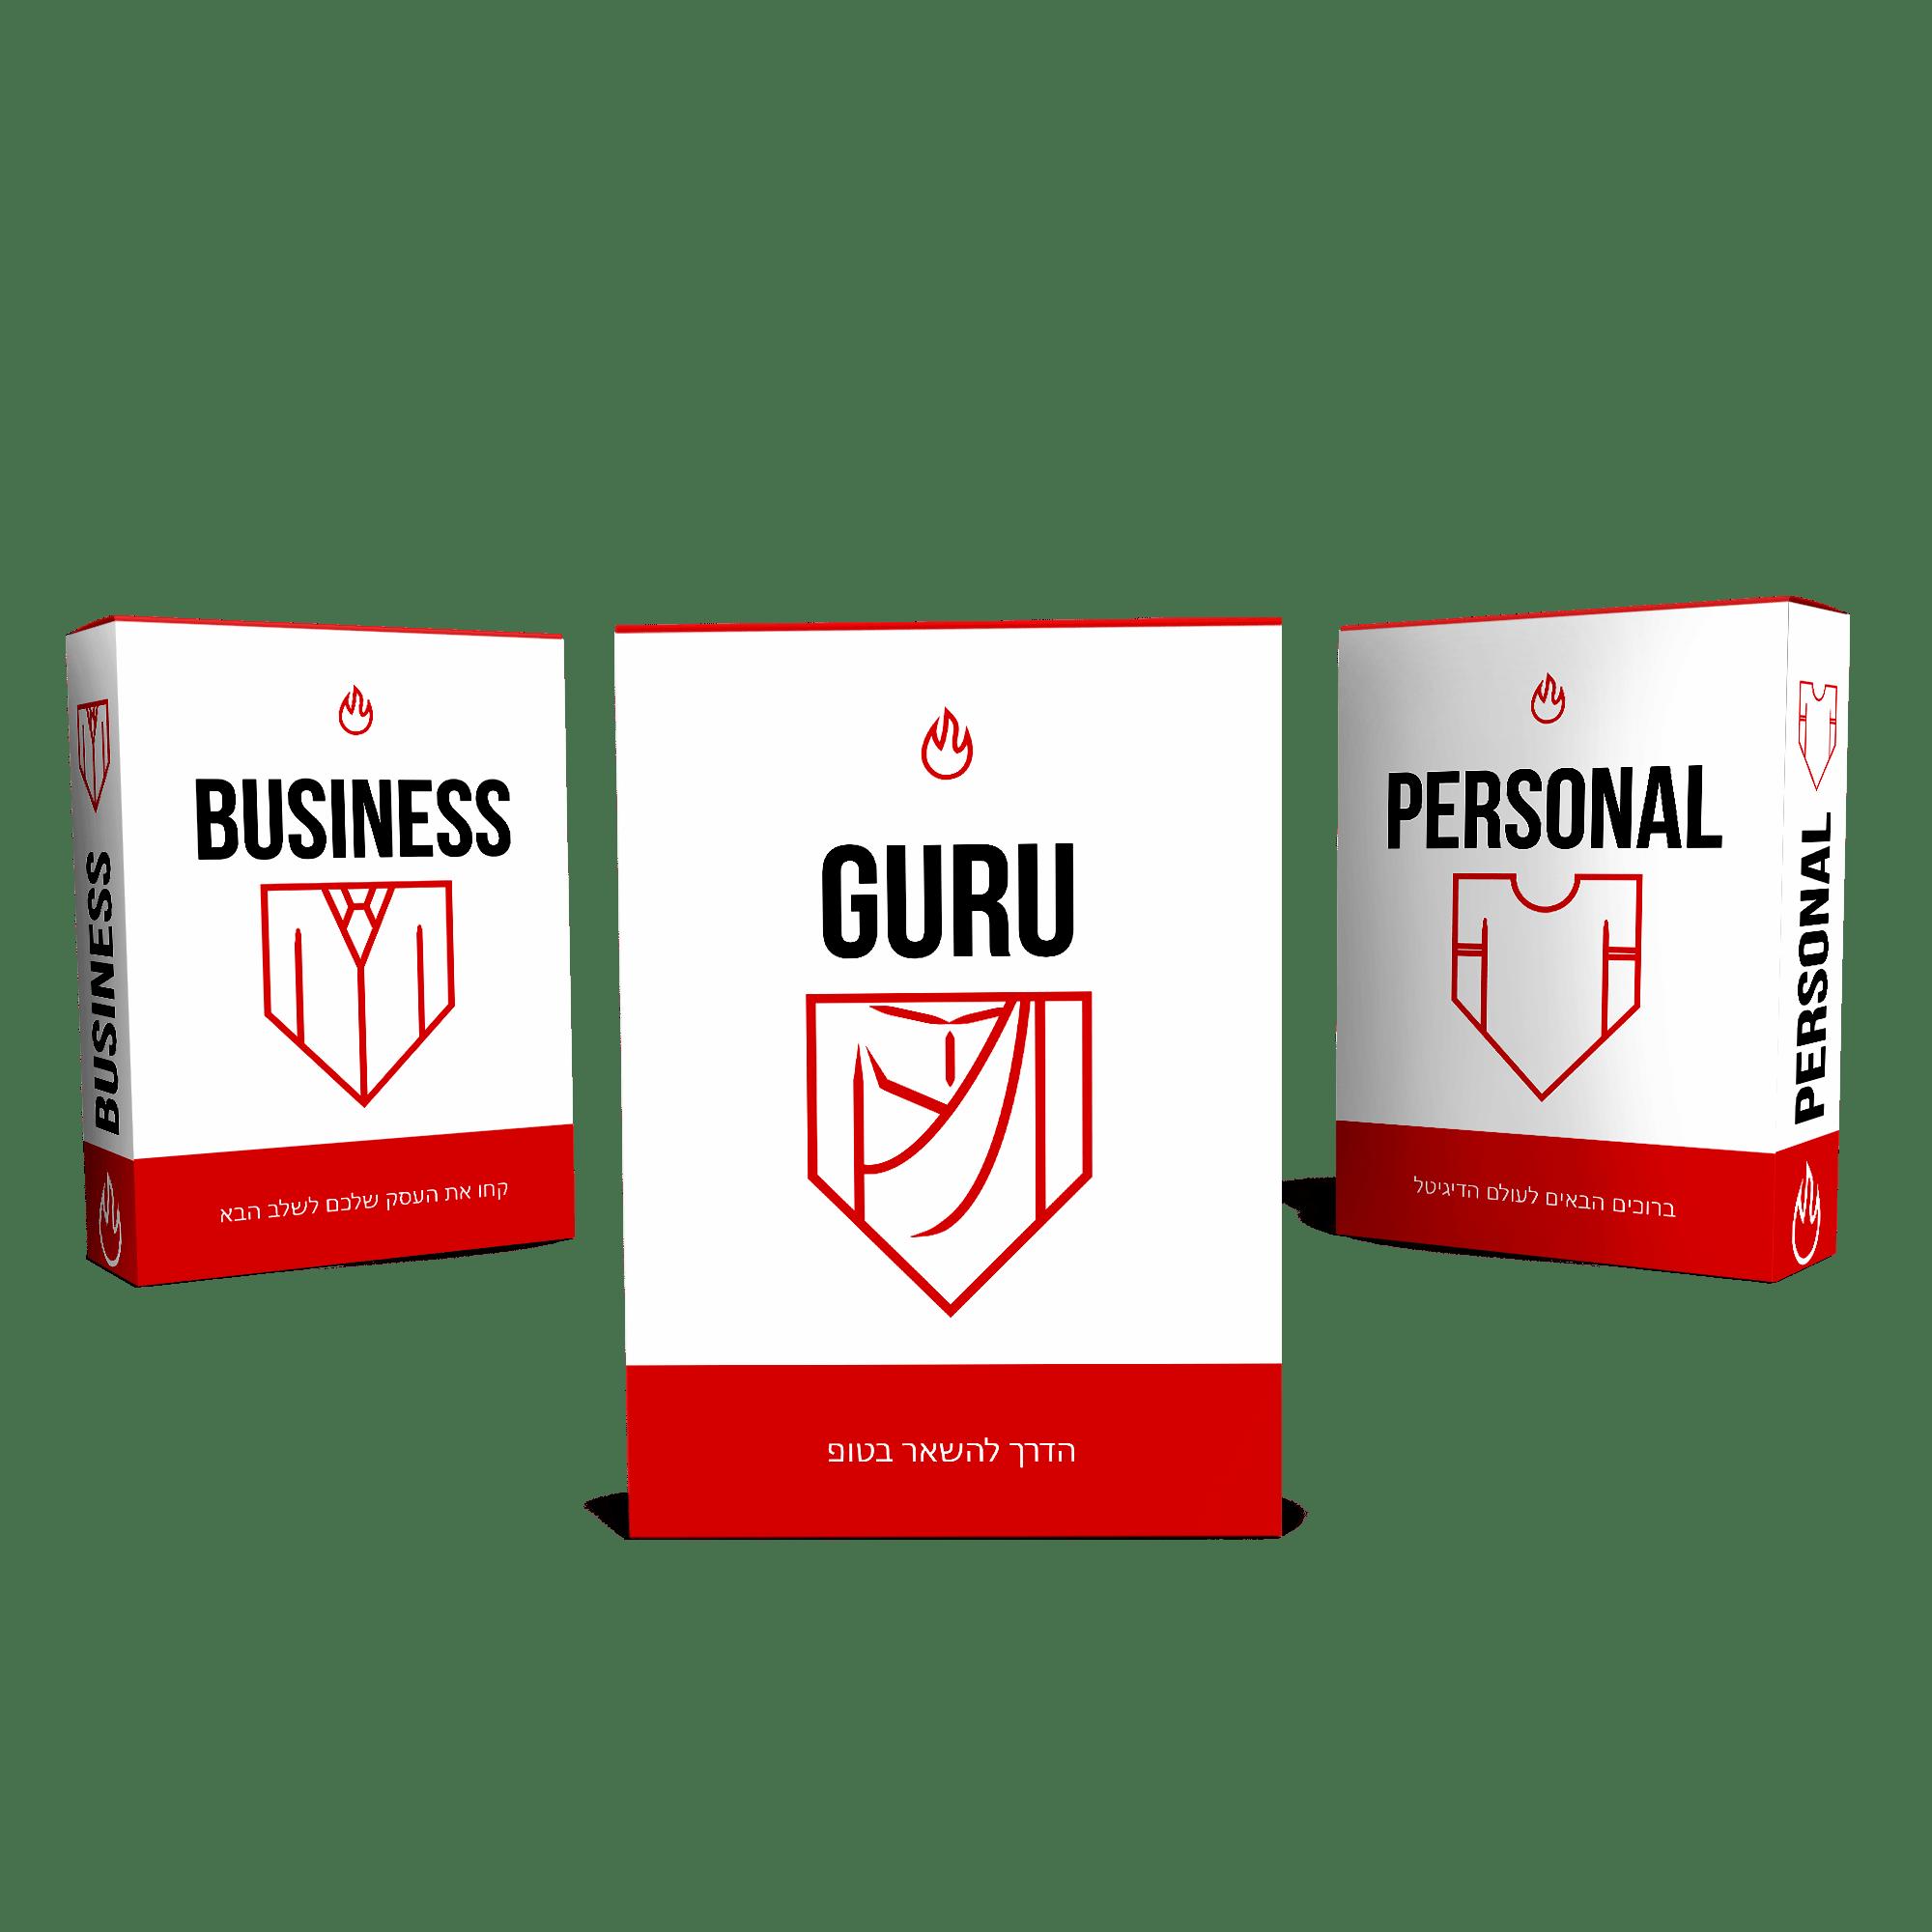 חבילות קידום ברשתות חברתיות: personal, business, guru